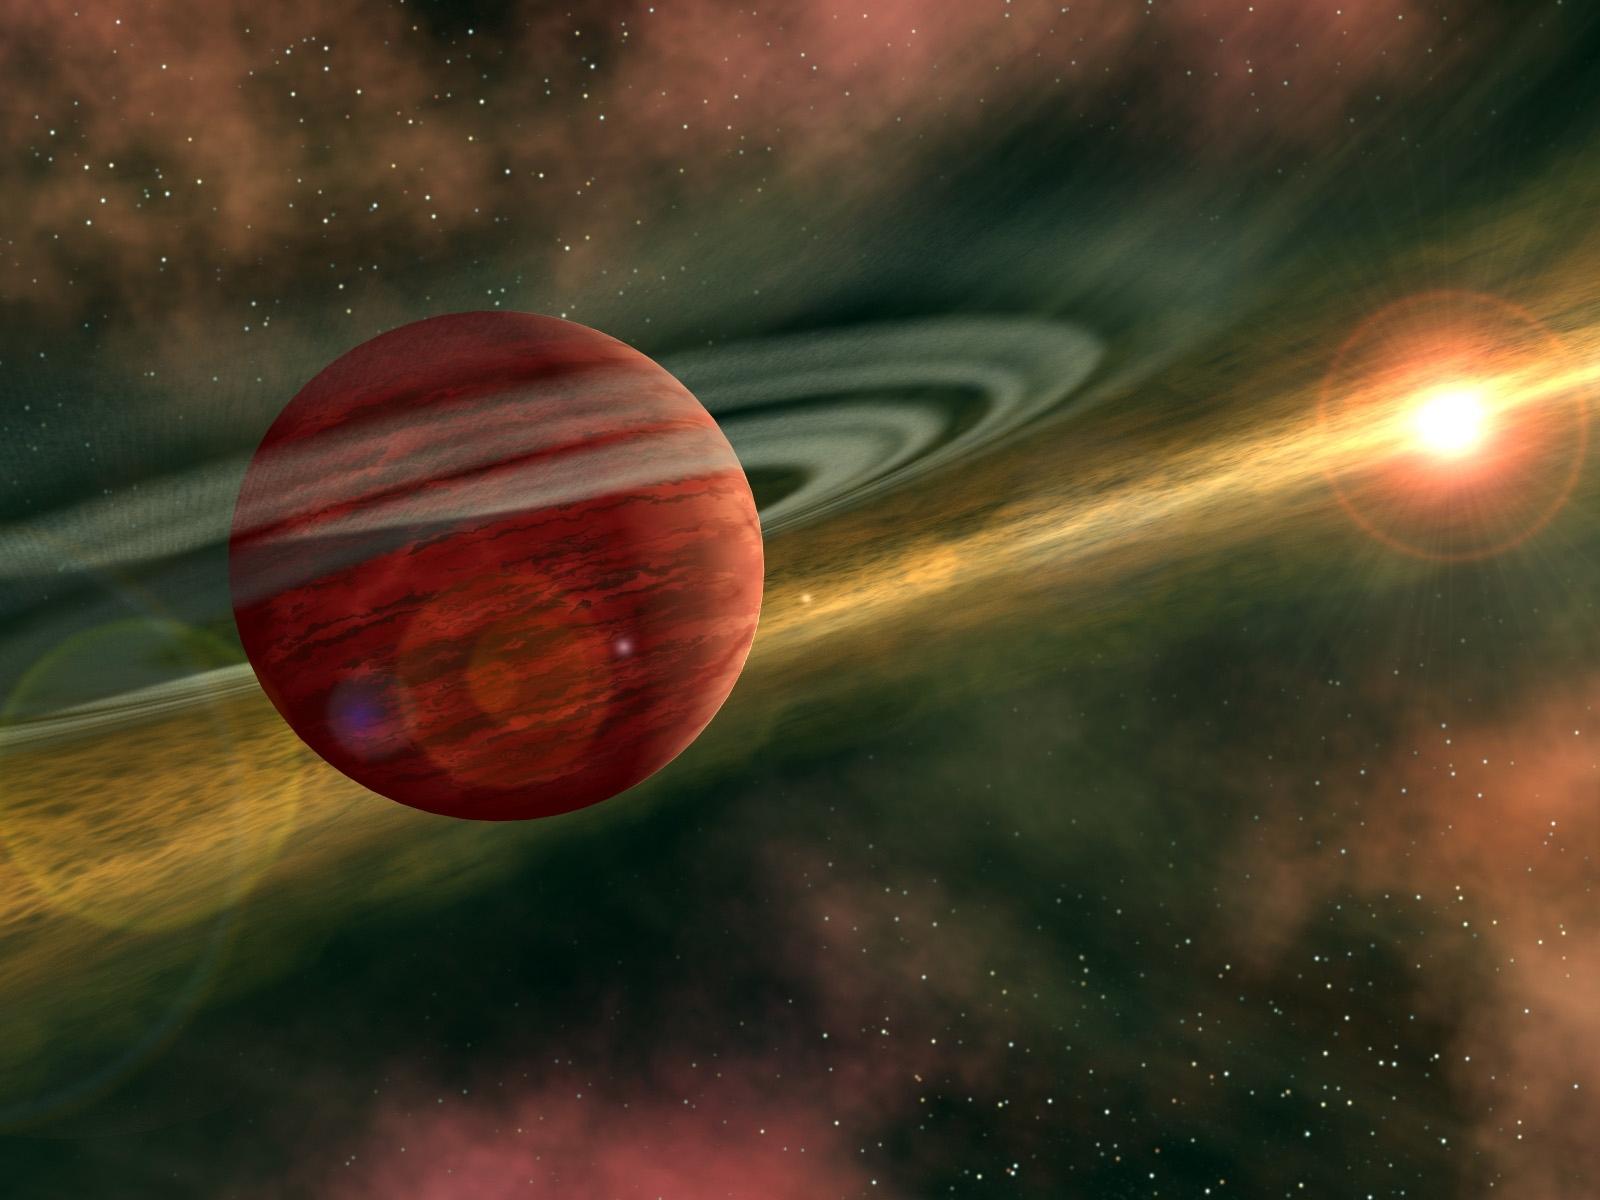 Скачать картинку Абстракция, Космос, Планеты в телефон бесплатно.